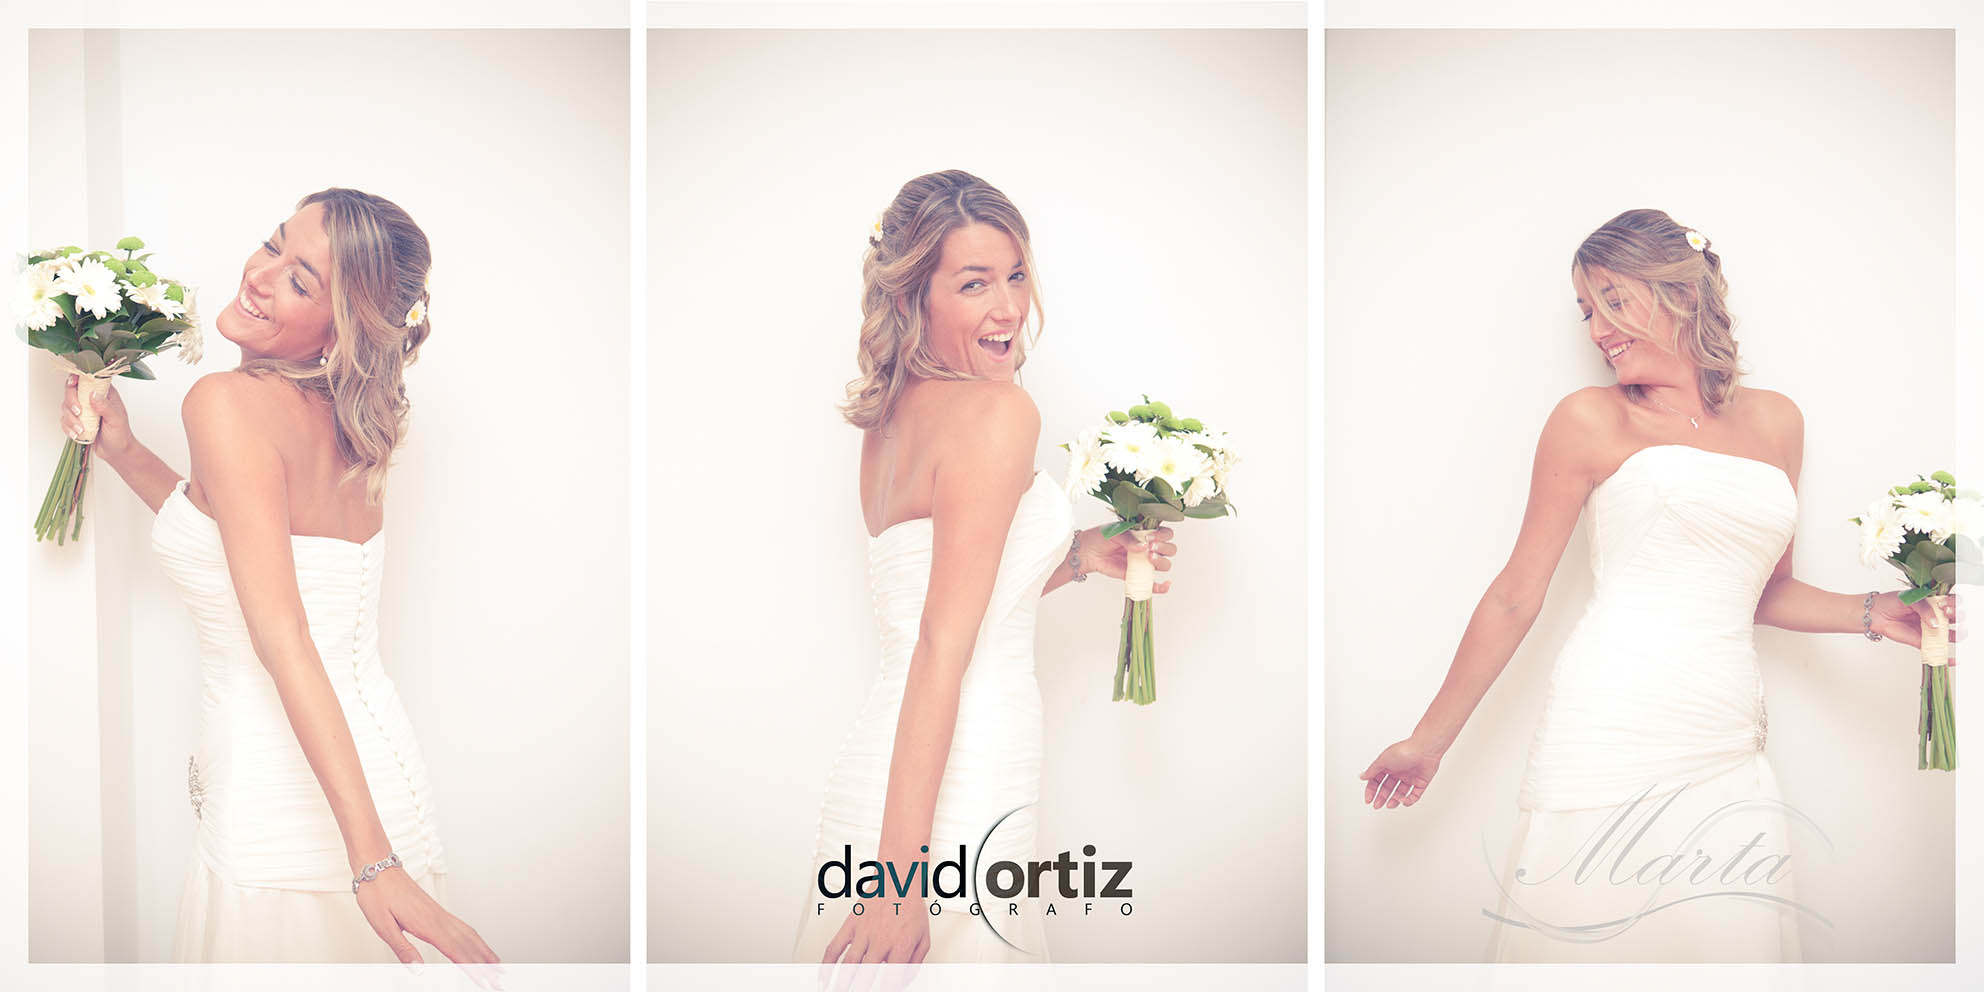 Si te vas a casar aquí te dejamos un ejemplo de un reportaje de boda diferente